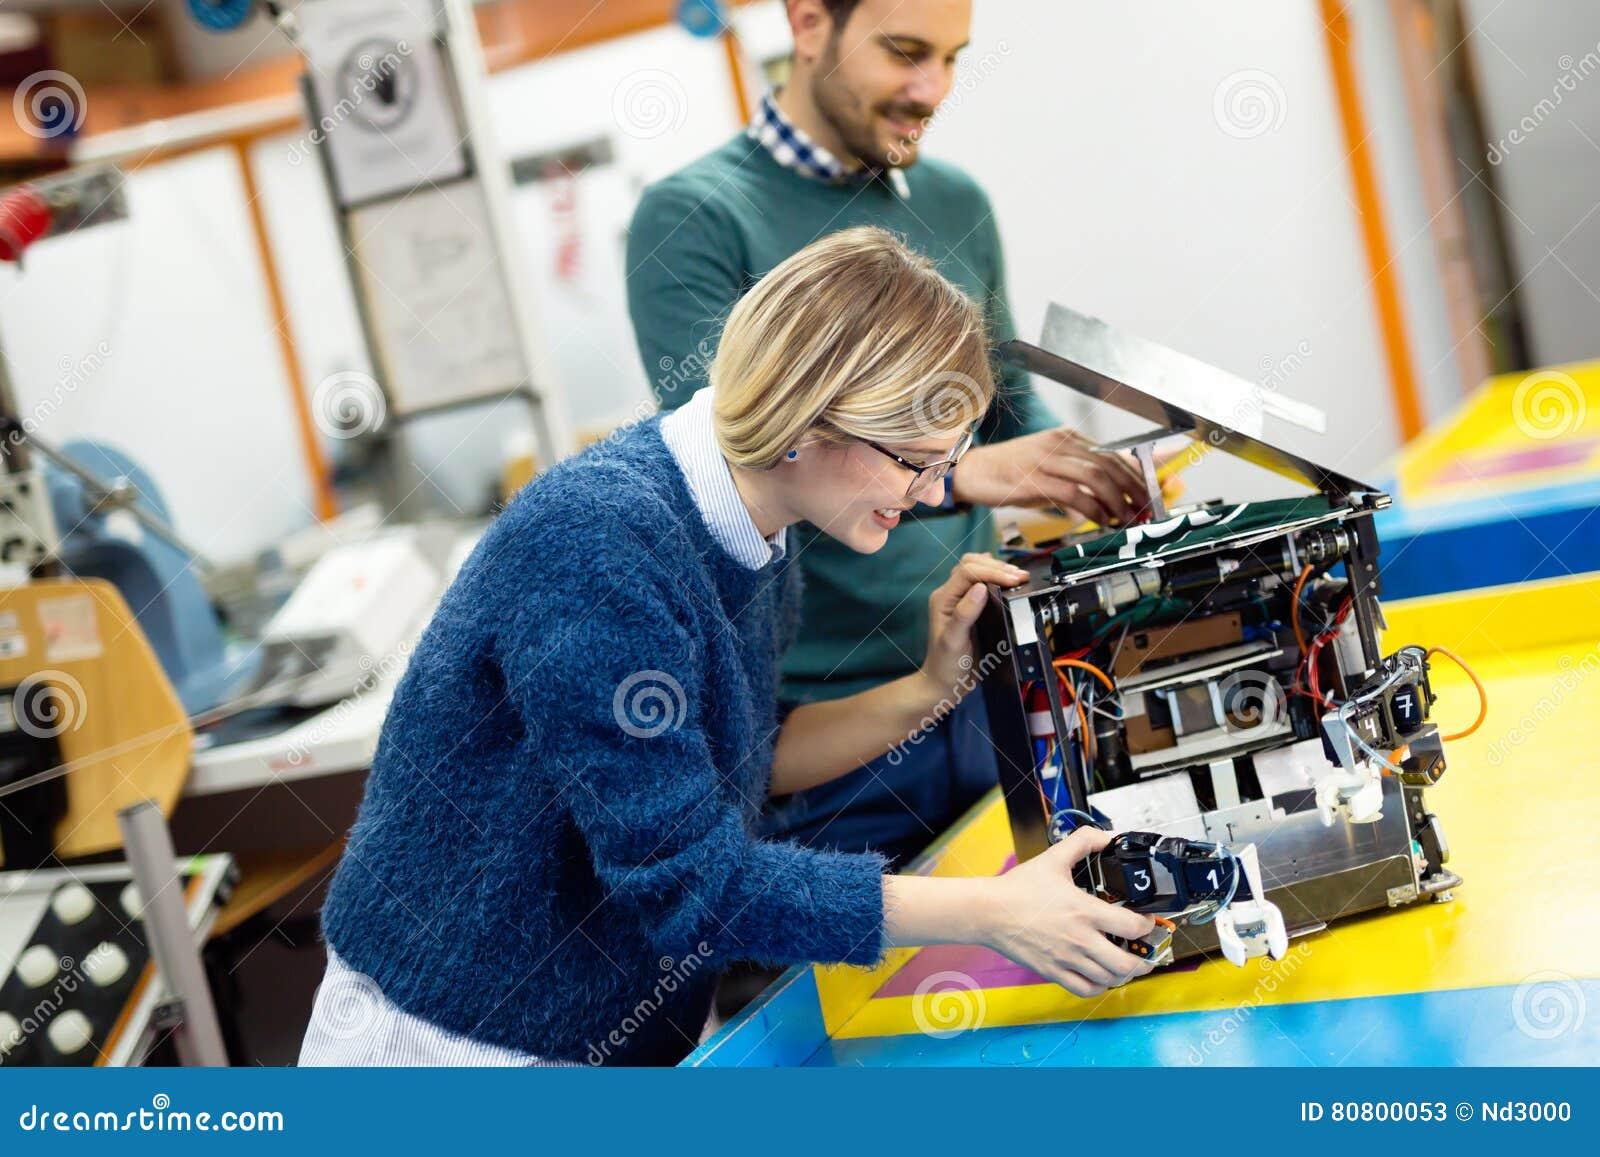 Ομαδική εργασία κατηγορίας ρομποτικής εφαρμοσμένης μηχανικής